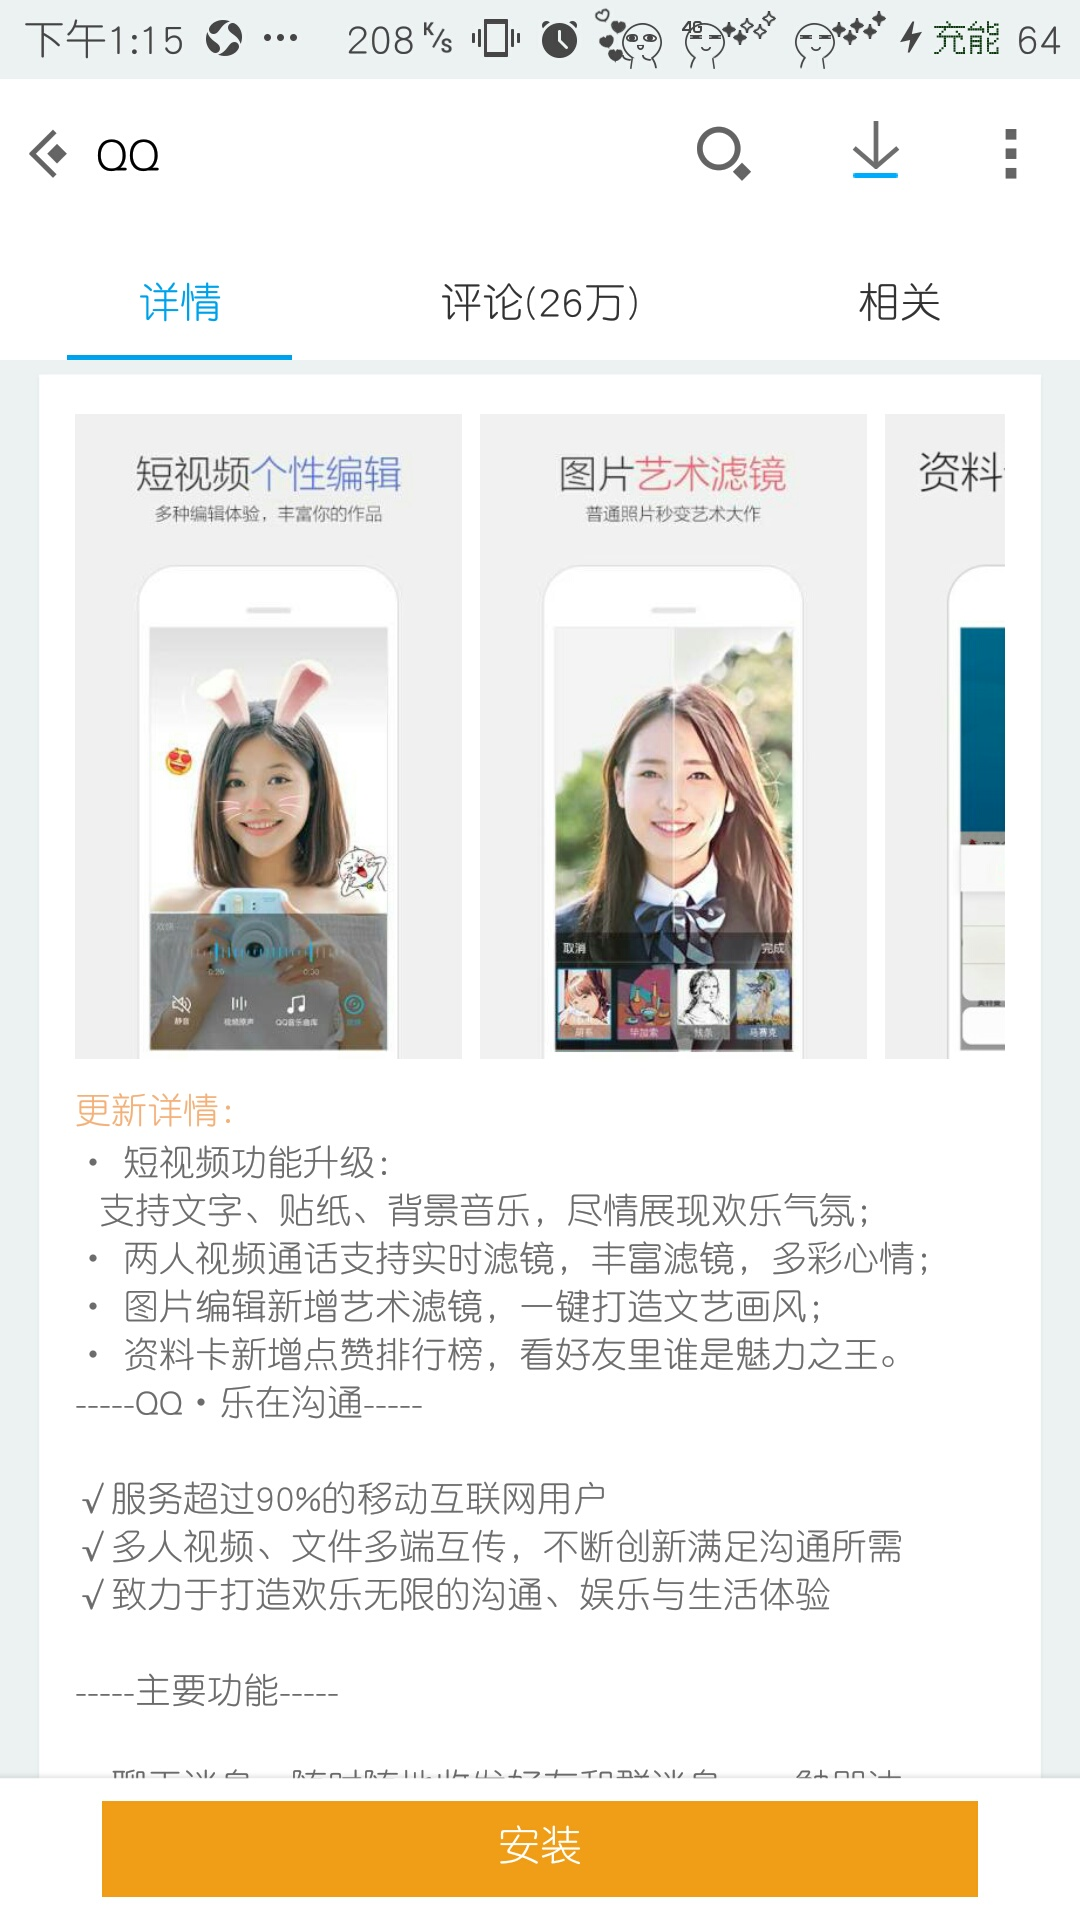 手机QQ6.6正式版更新 官网即可下载(附地址)! 活动线报 第2张